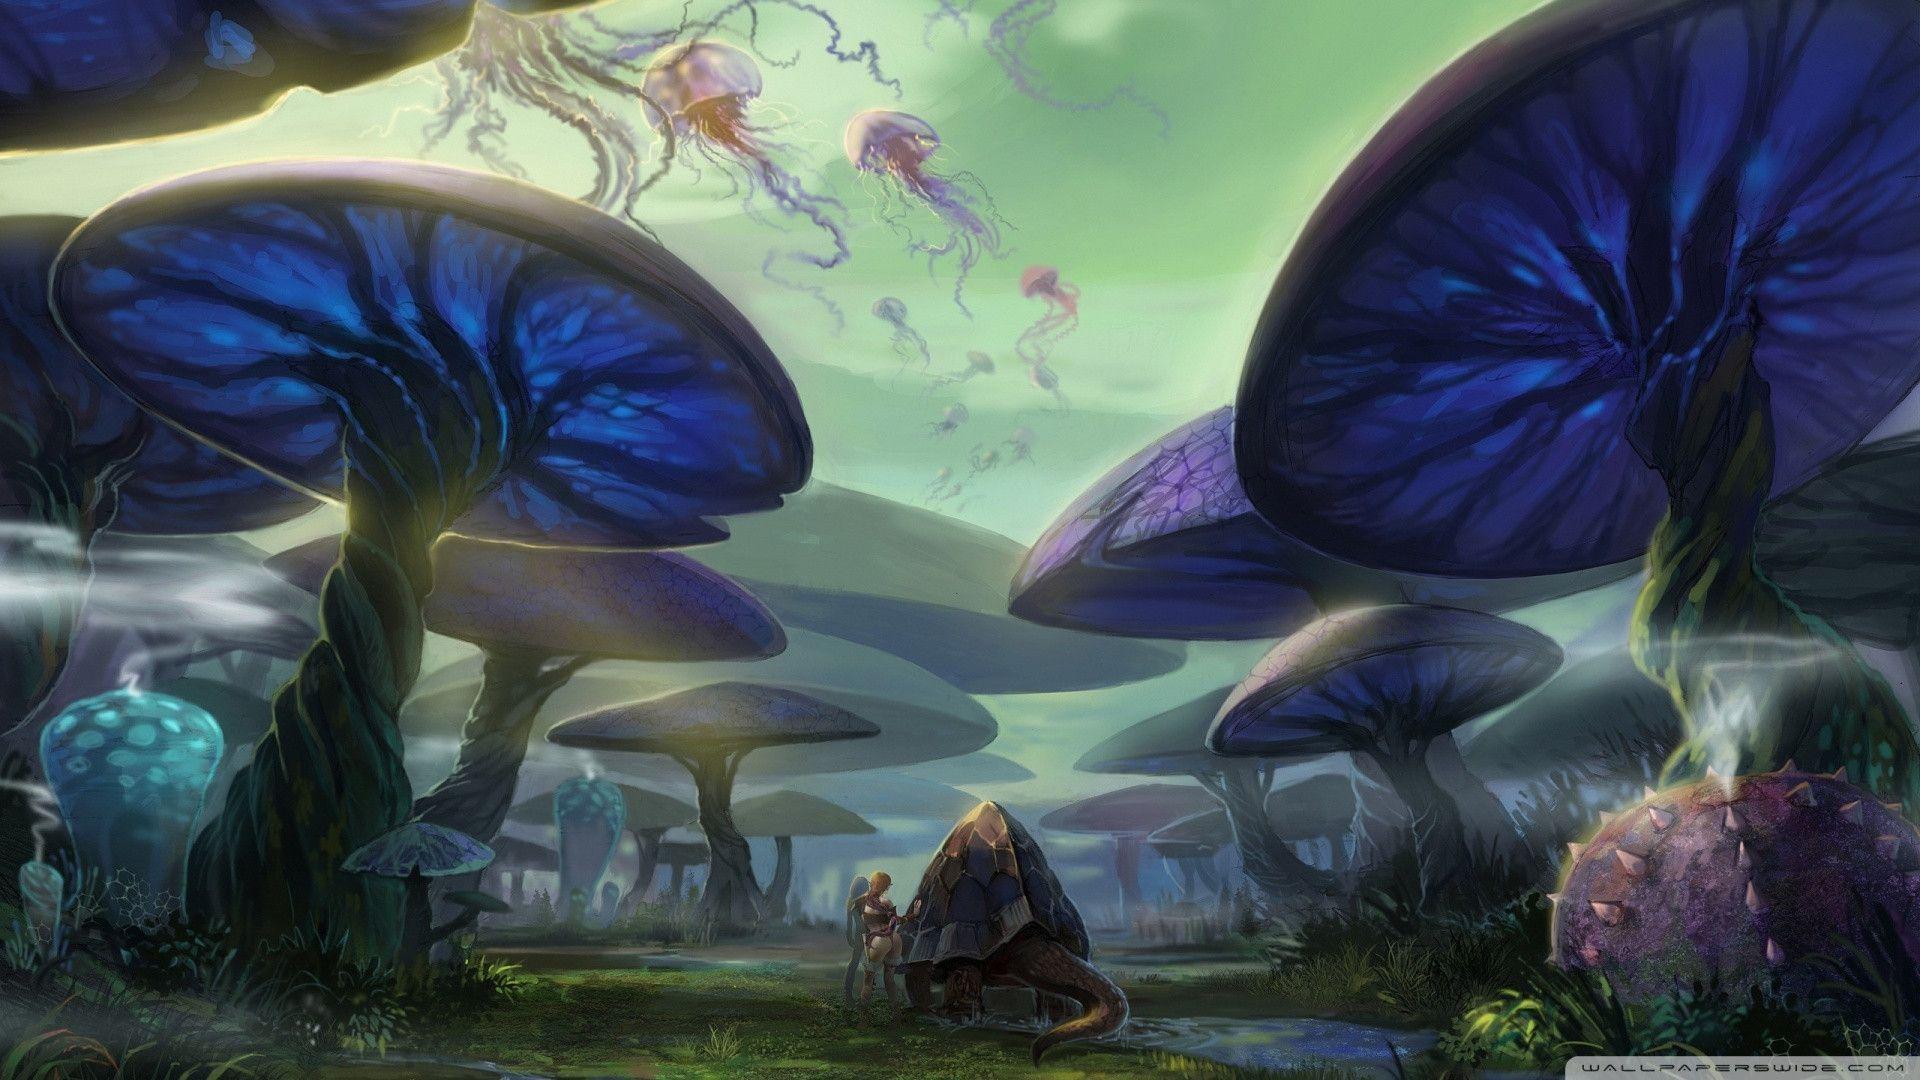 <b>wallpaper</b>: Glass <b>Mushrooms Wallpapers</b>